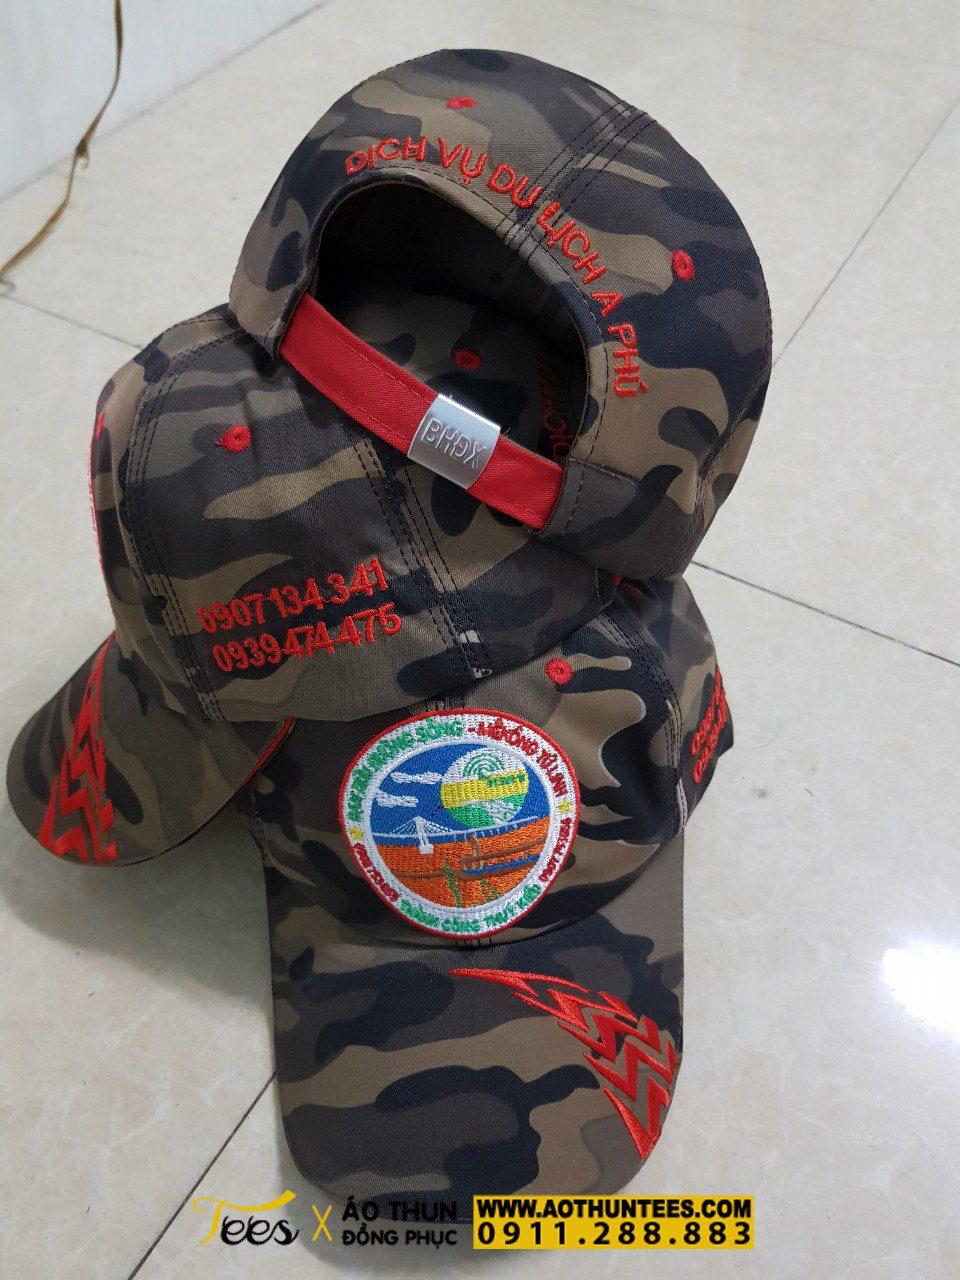 e58bc2fdbf2b5875013a - Giới thiệu về đồng phục nón